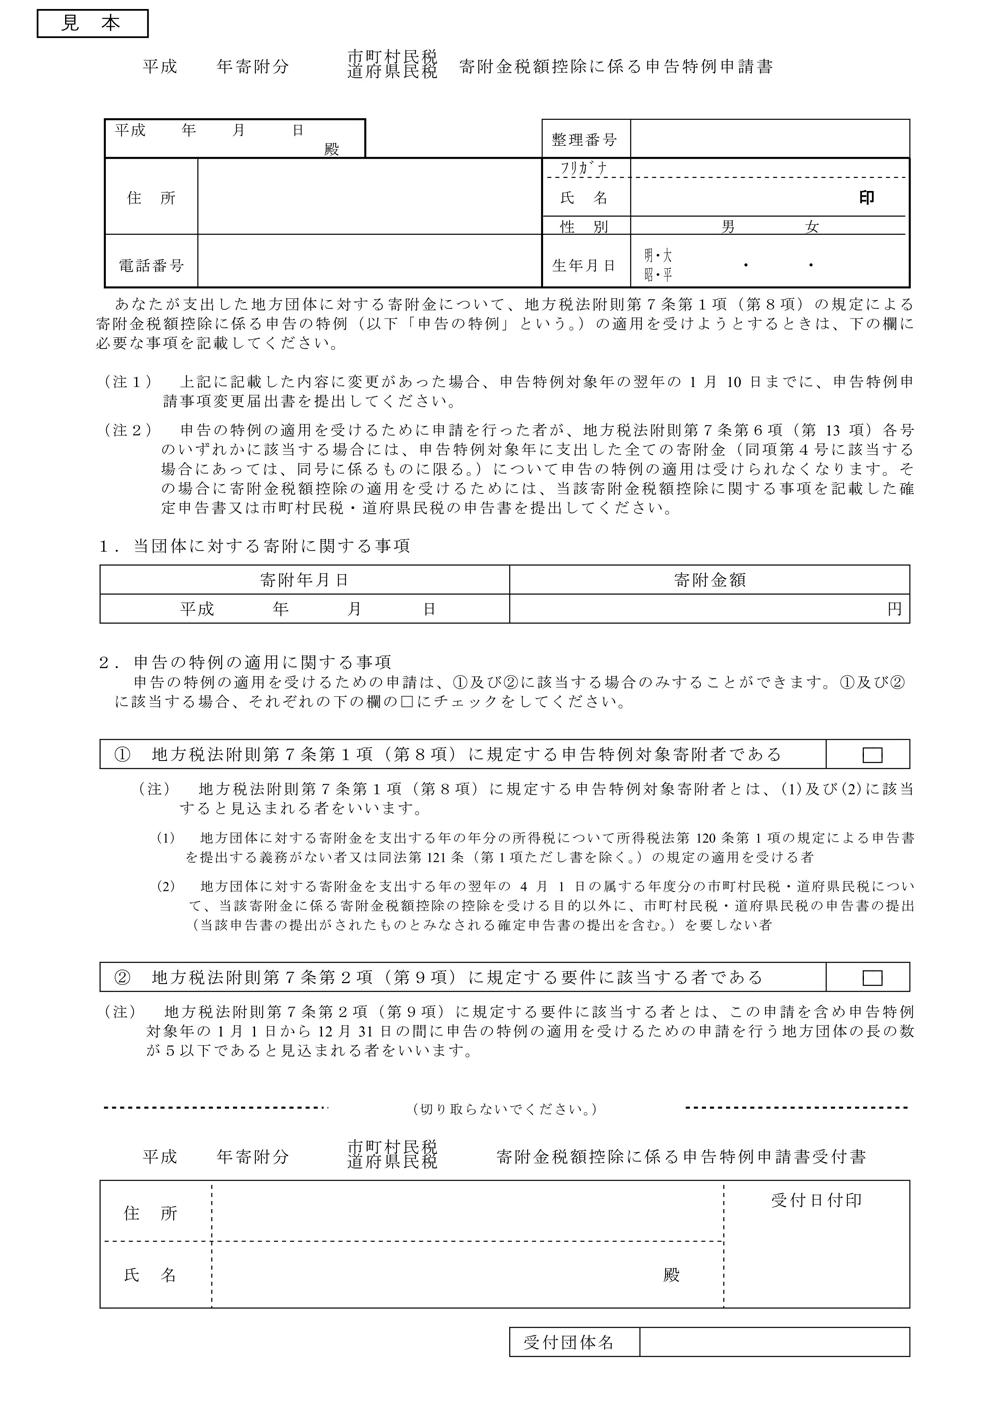 ふるさと納税ワンストップ特例申請書